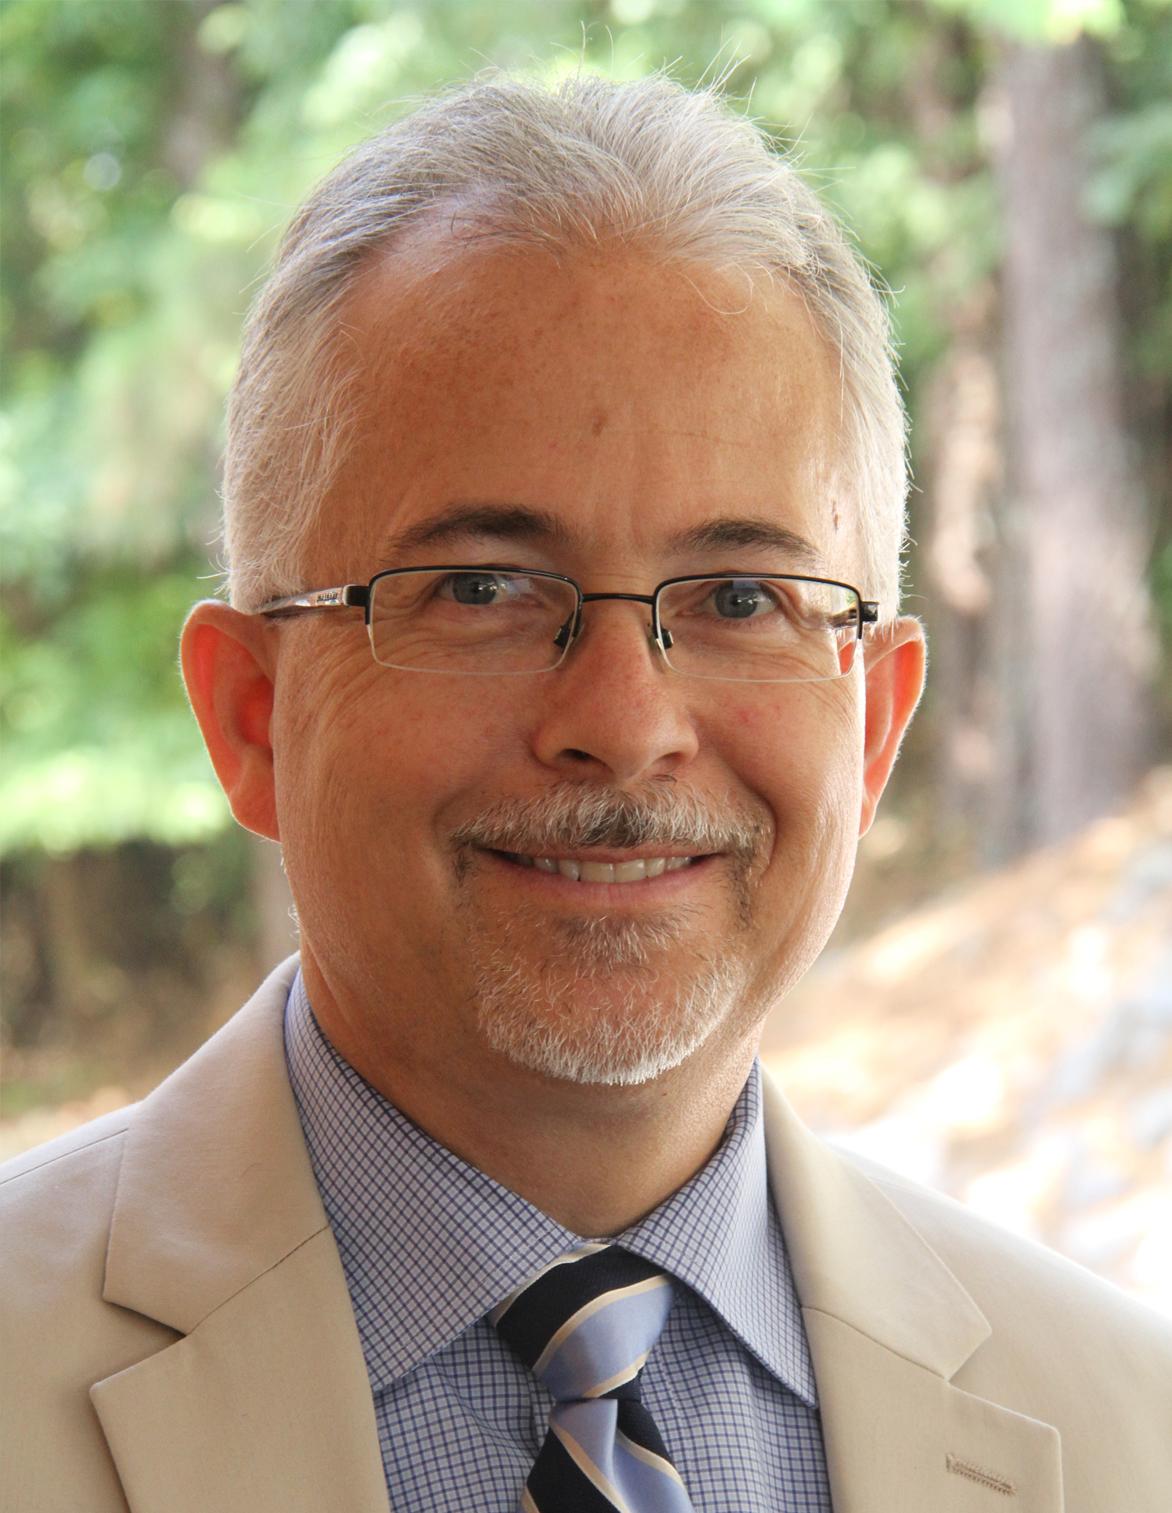 David Ruhling